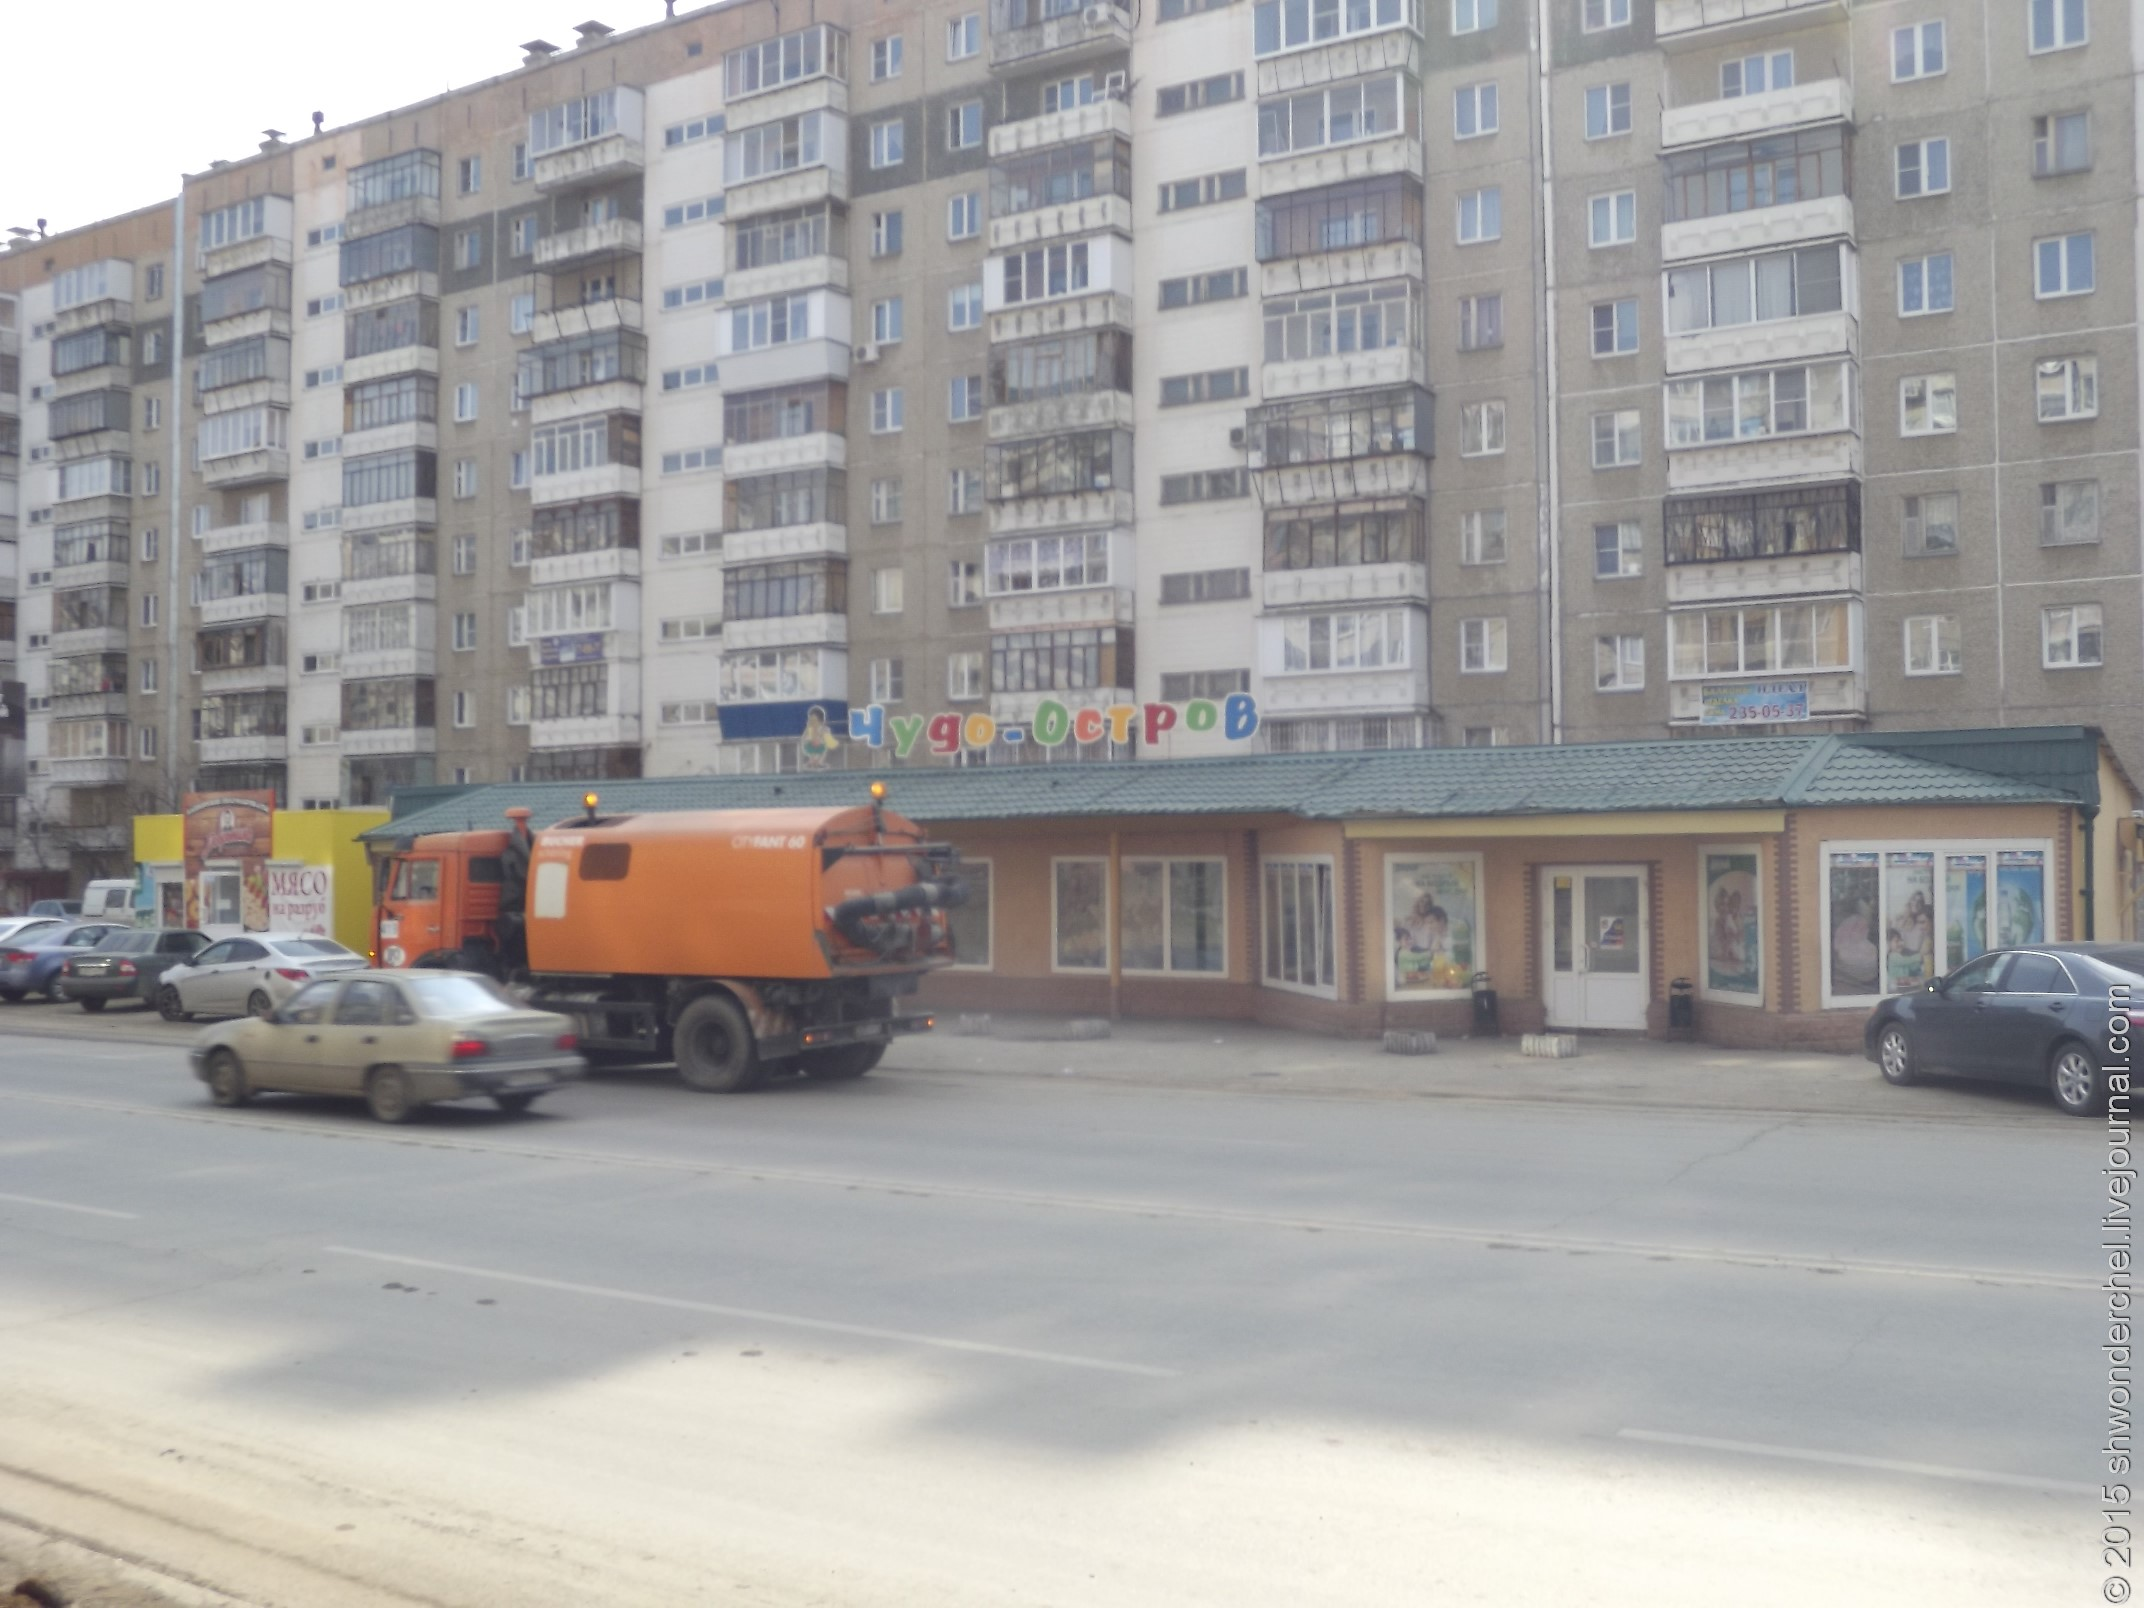 DSCF9171.jpg